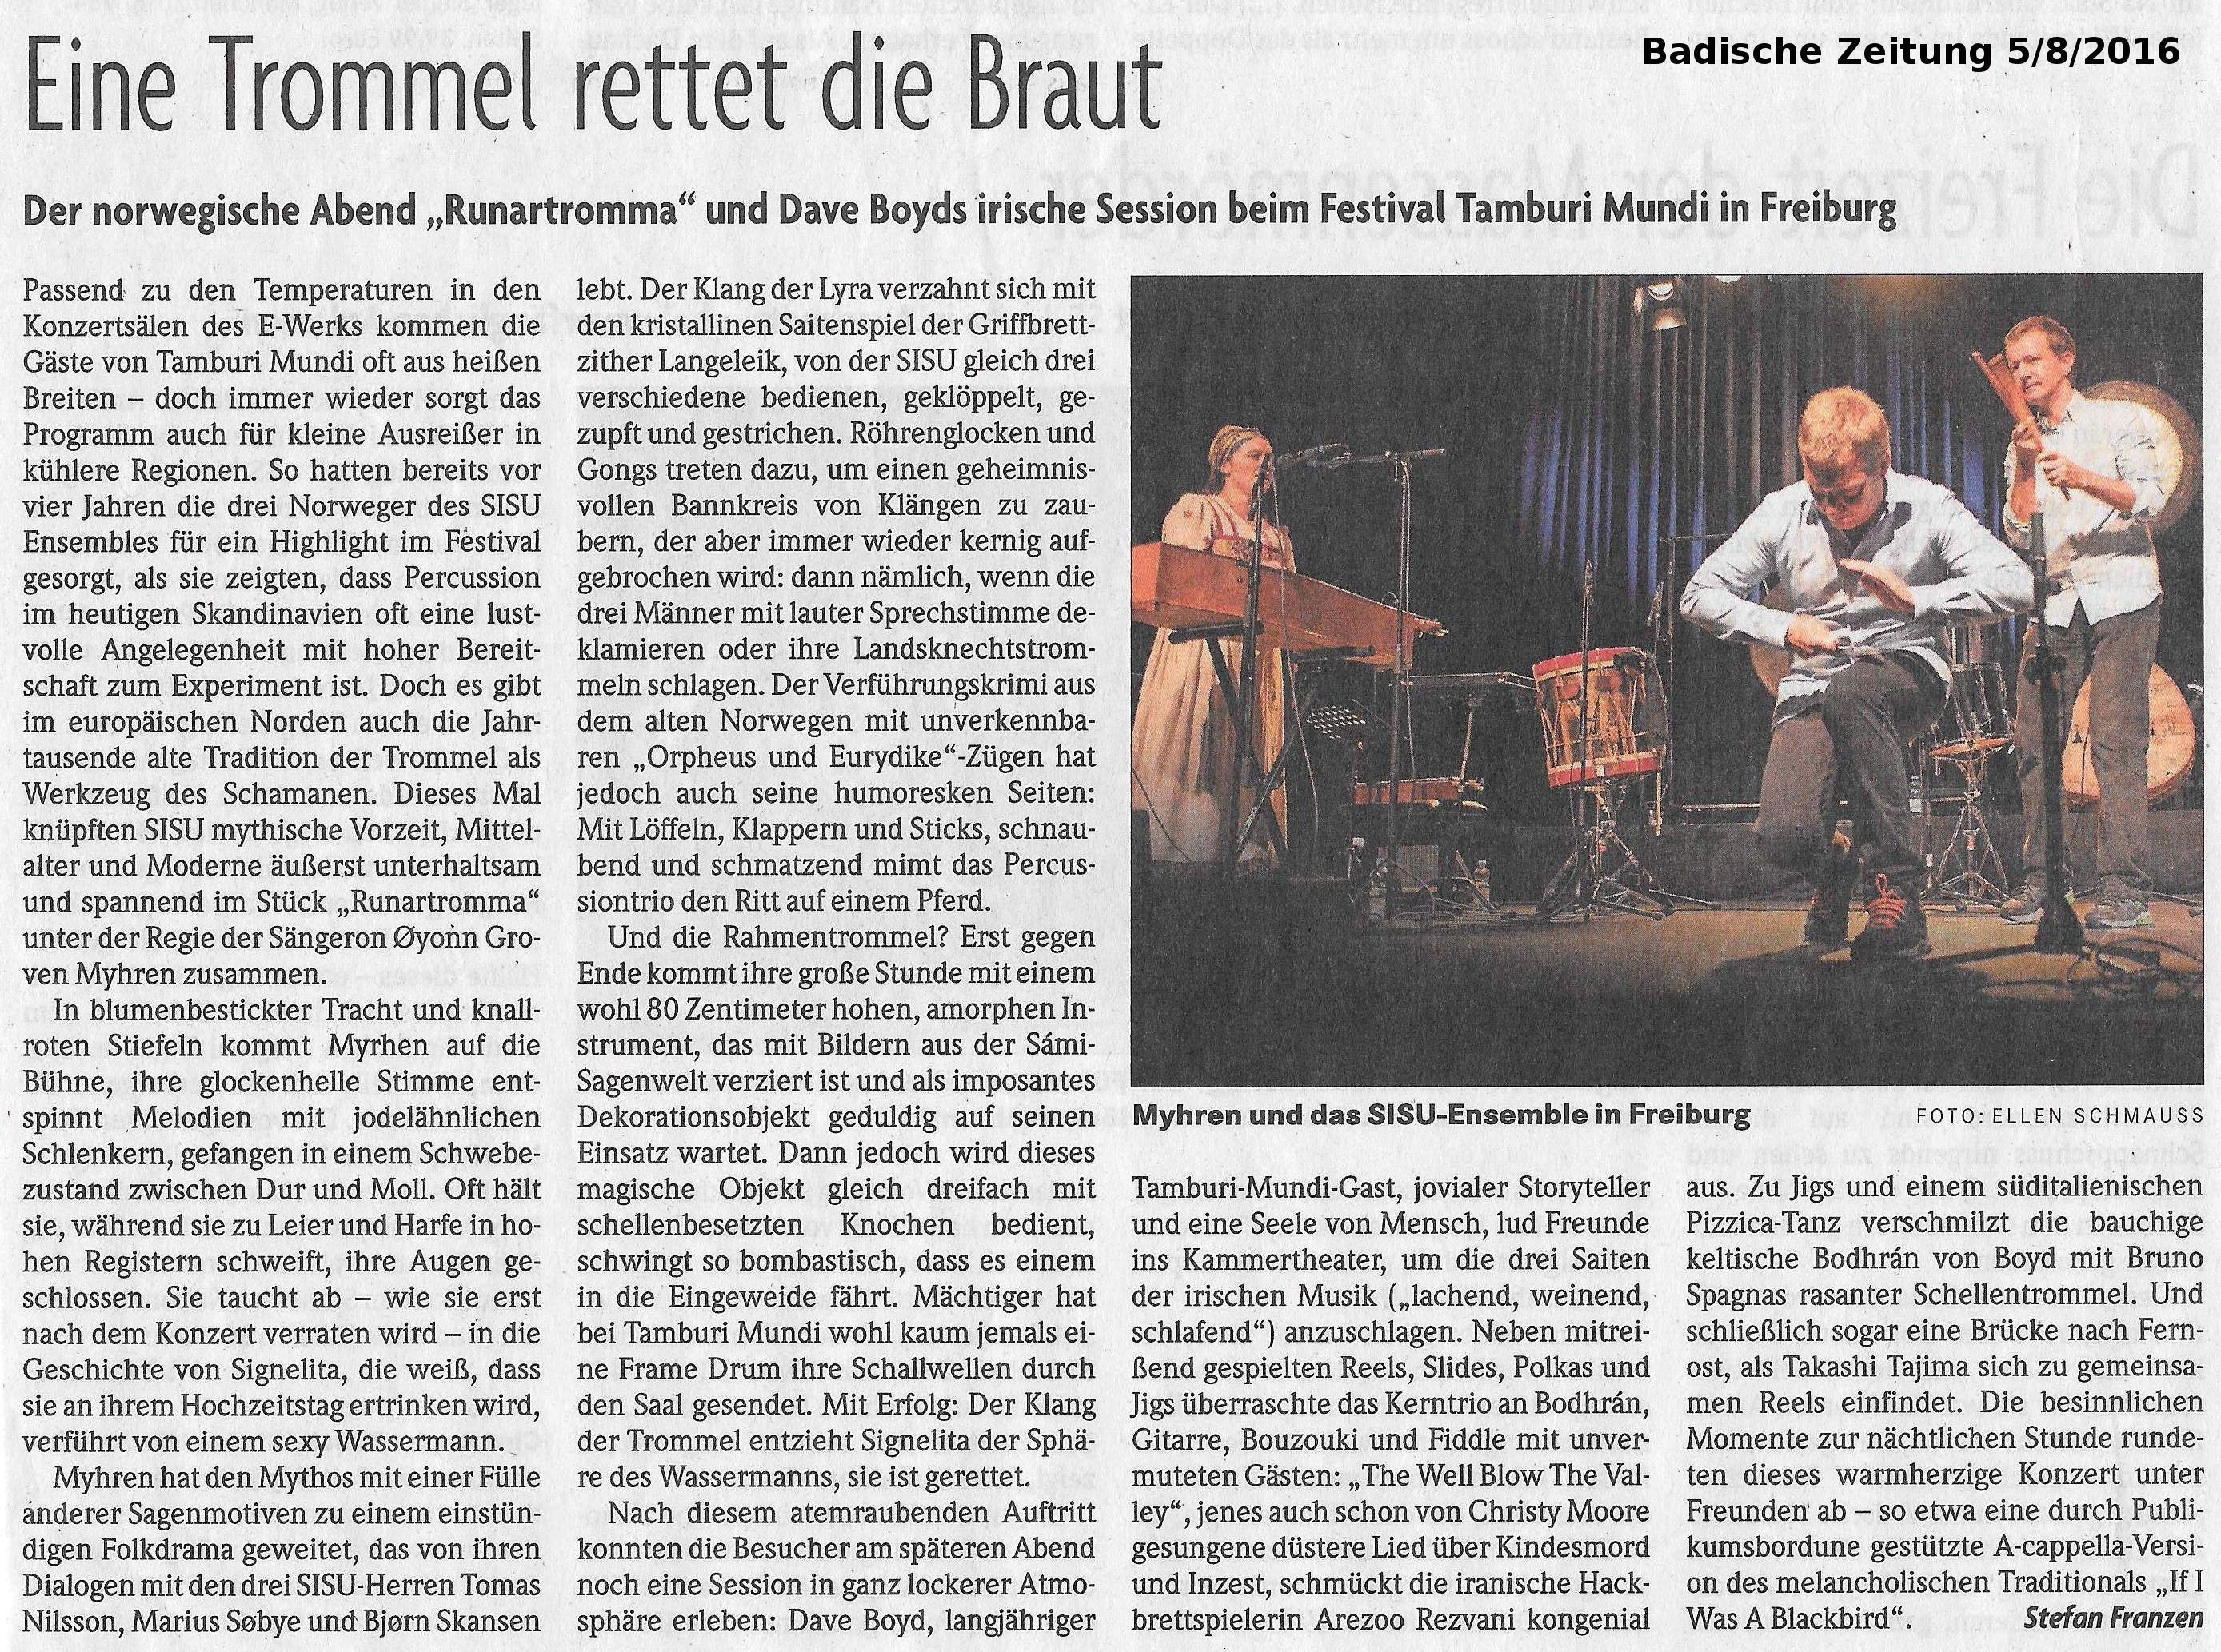 2016_TM_Badische _Zeitung_5.8_Runartromma